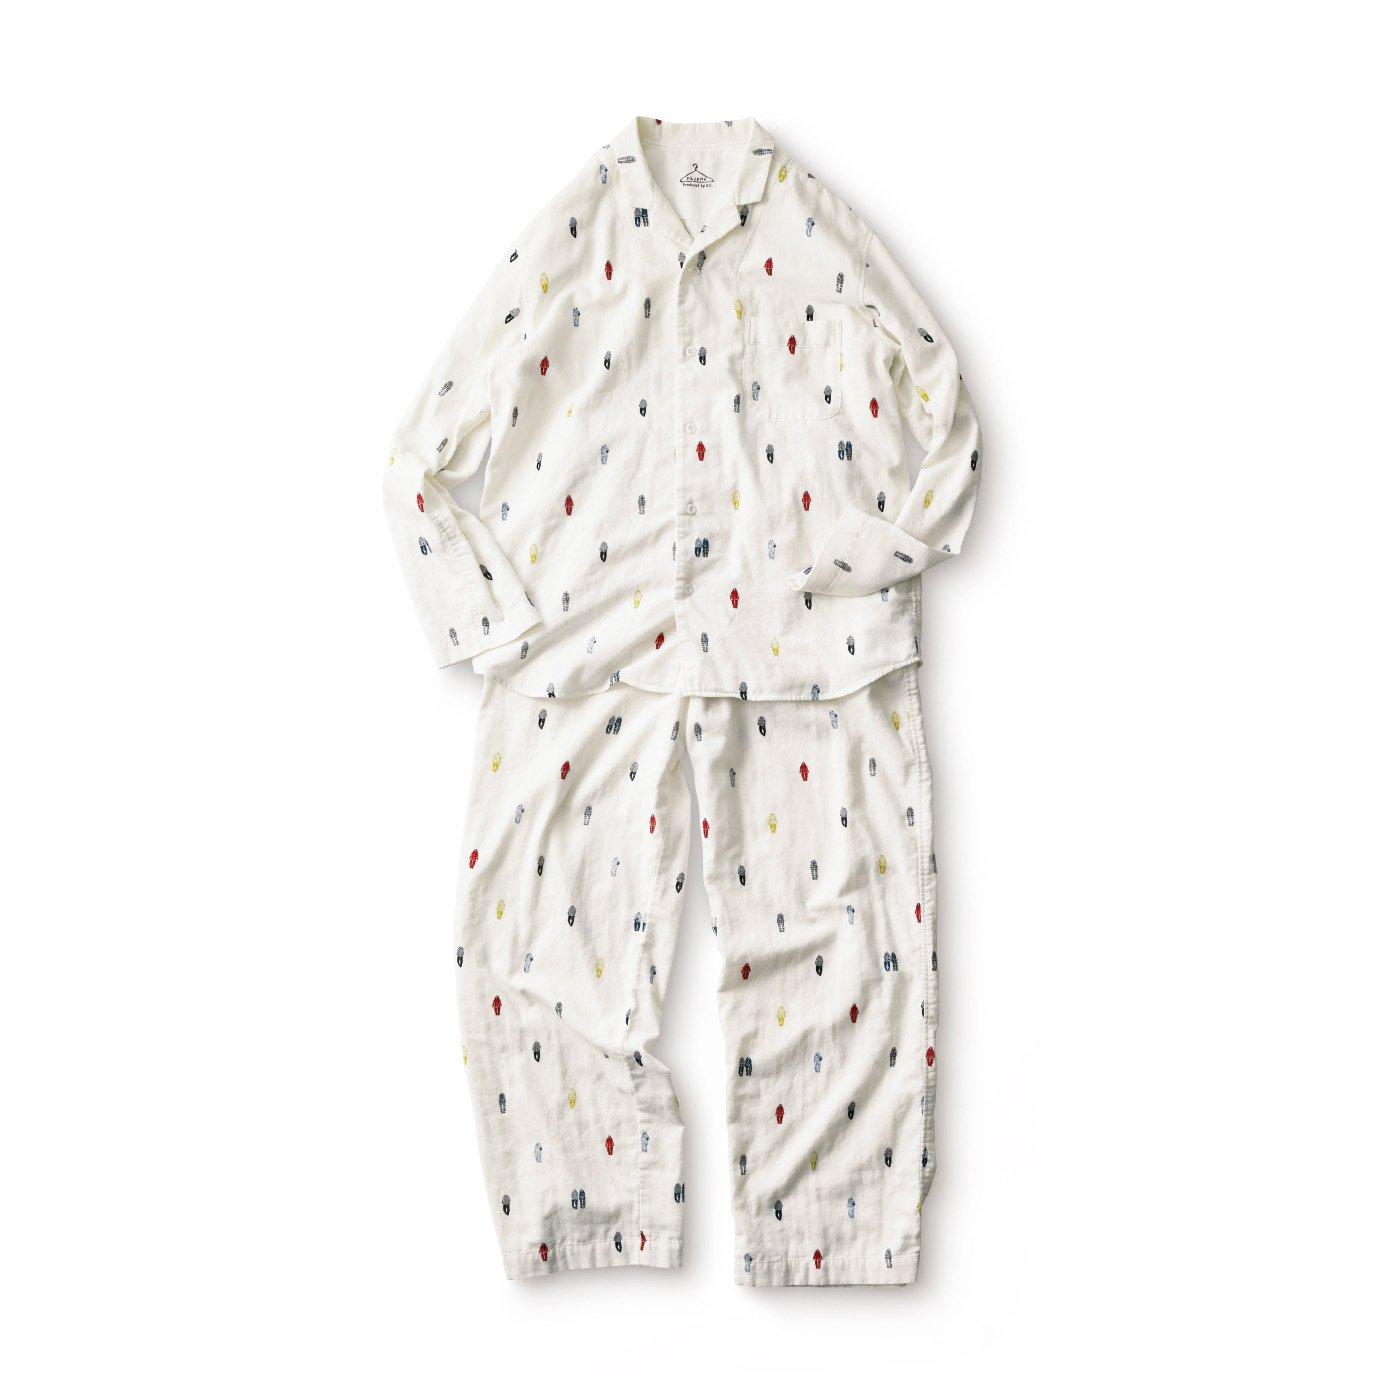 サニークラウズ パジャマなパジャマ〈メンズ〉